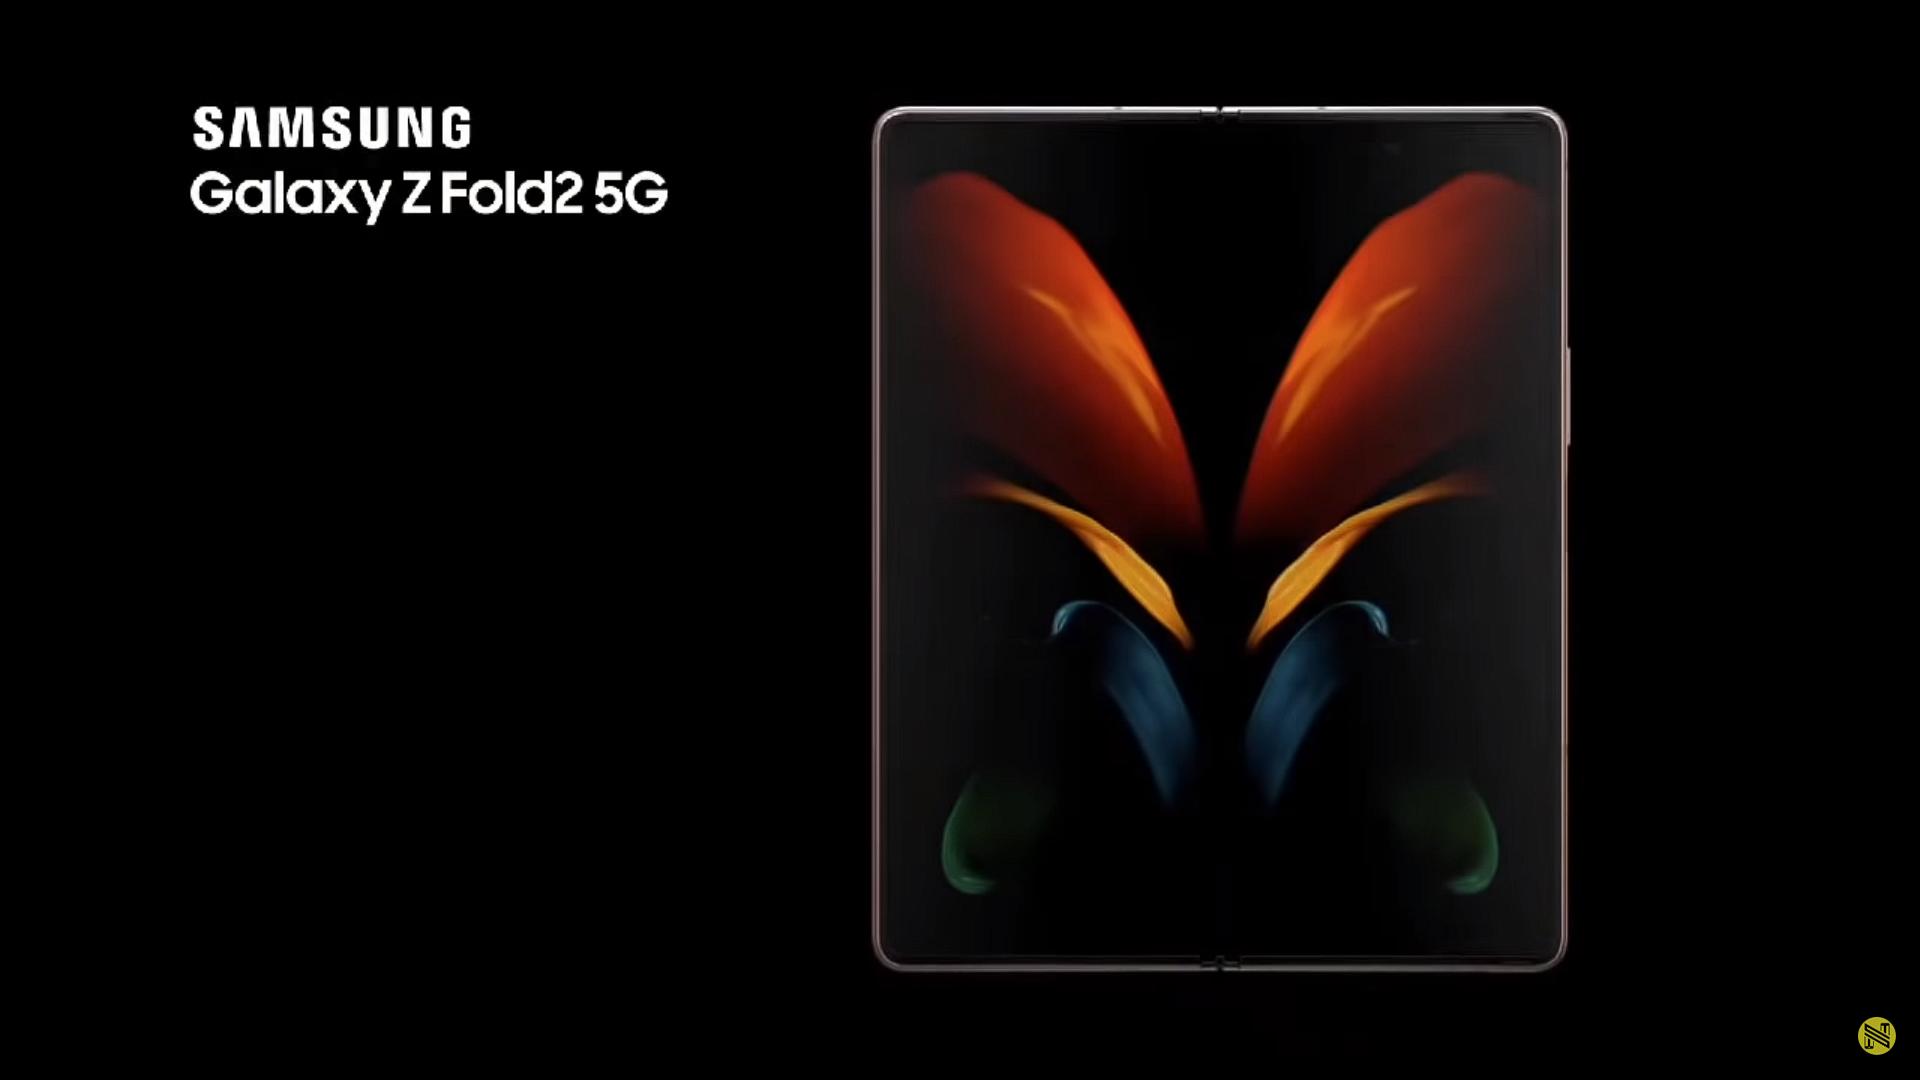 Choáng với quảng cáo bị rò rỉ của Samsung Galaxy Z Fold2 5G, liệu có xứng với cái giá 76 triệu đồng? - Ảnh 1.